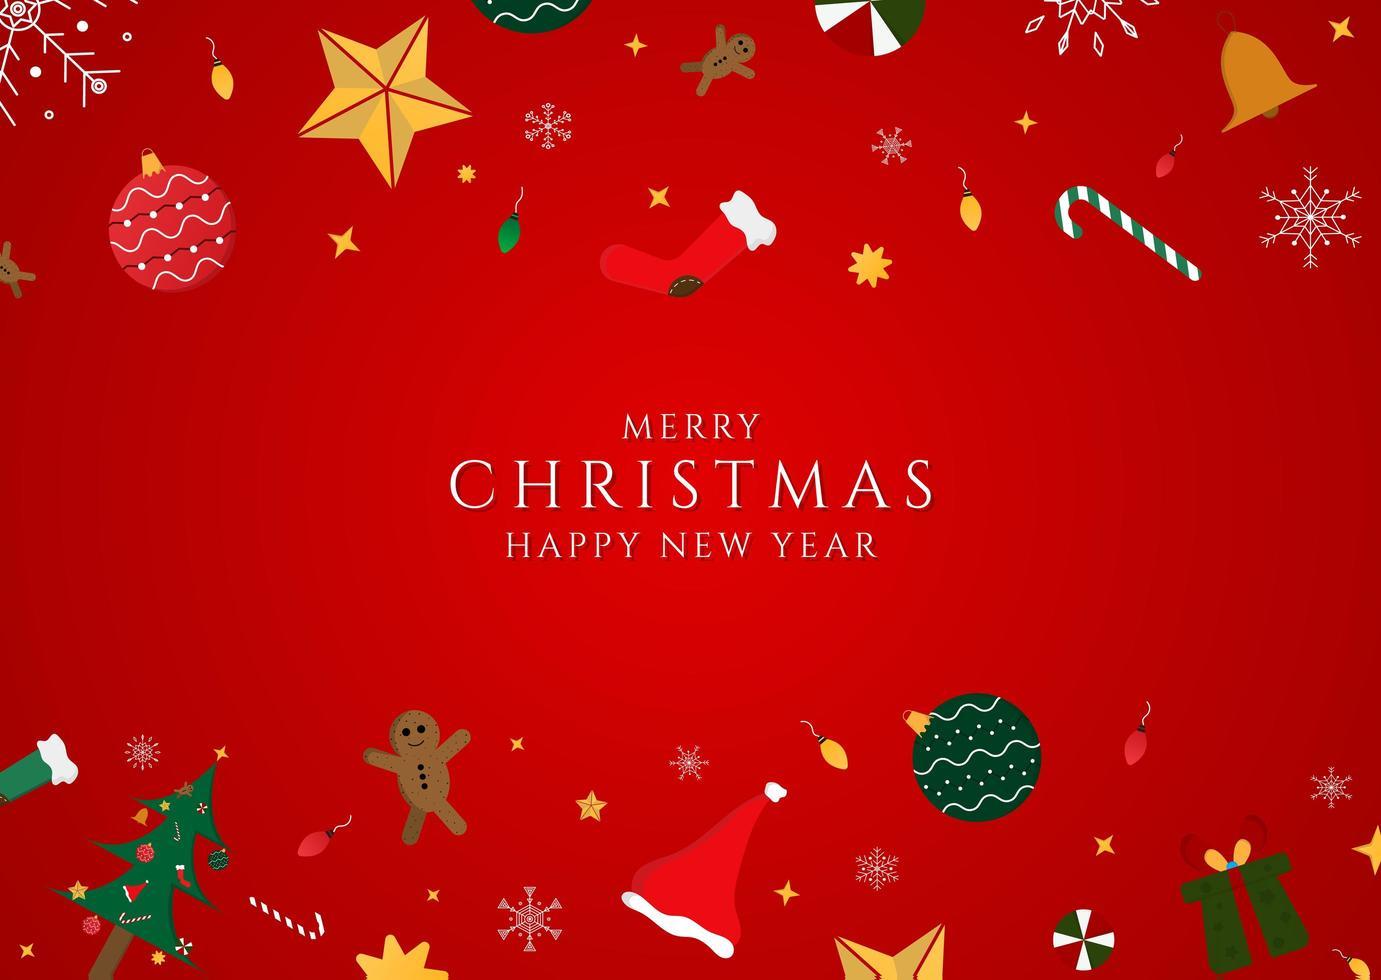 dia de natal feliz ano novo fundo vermelho vetor